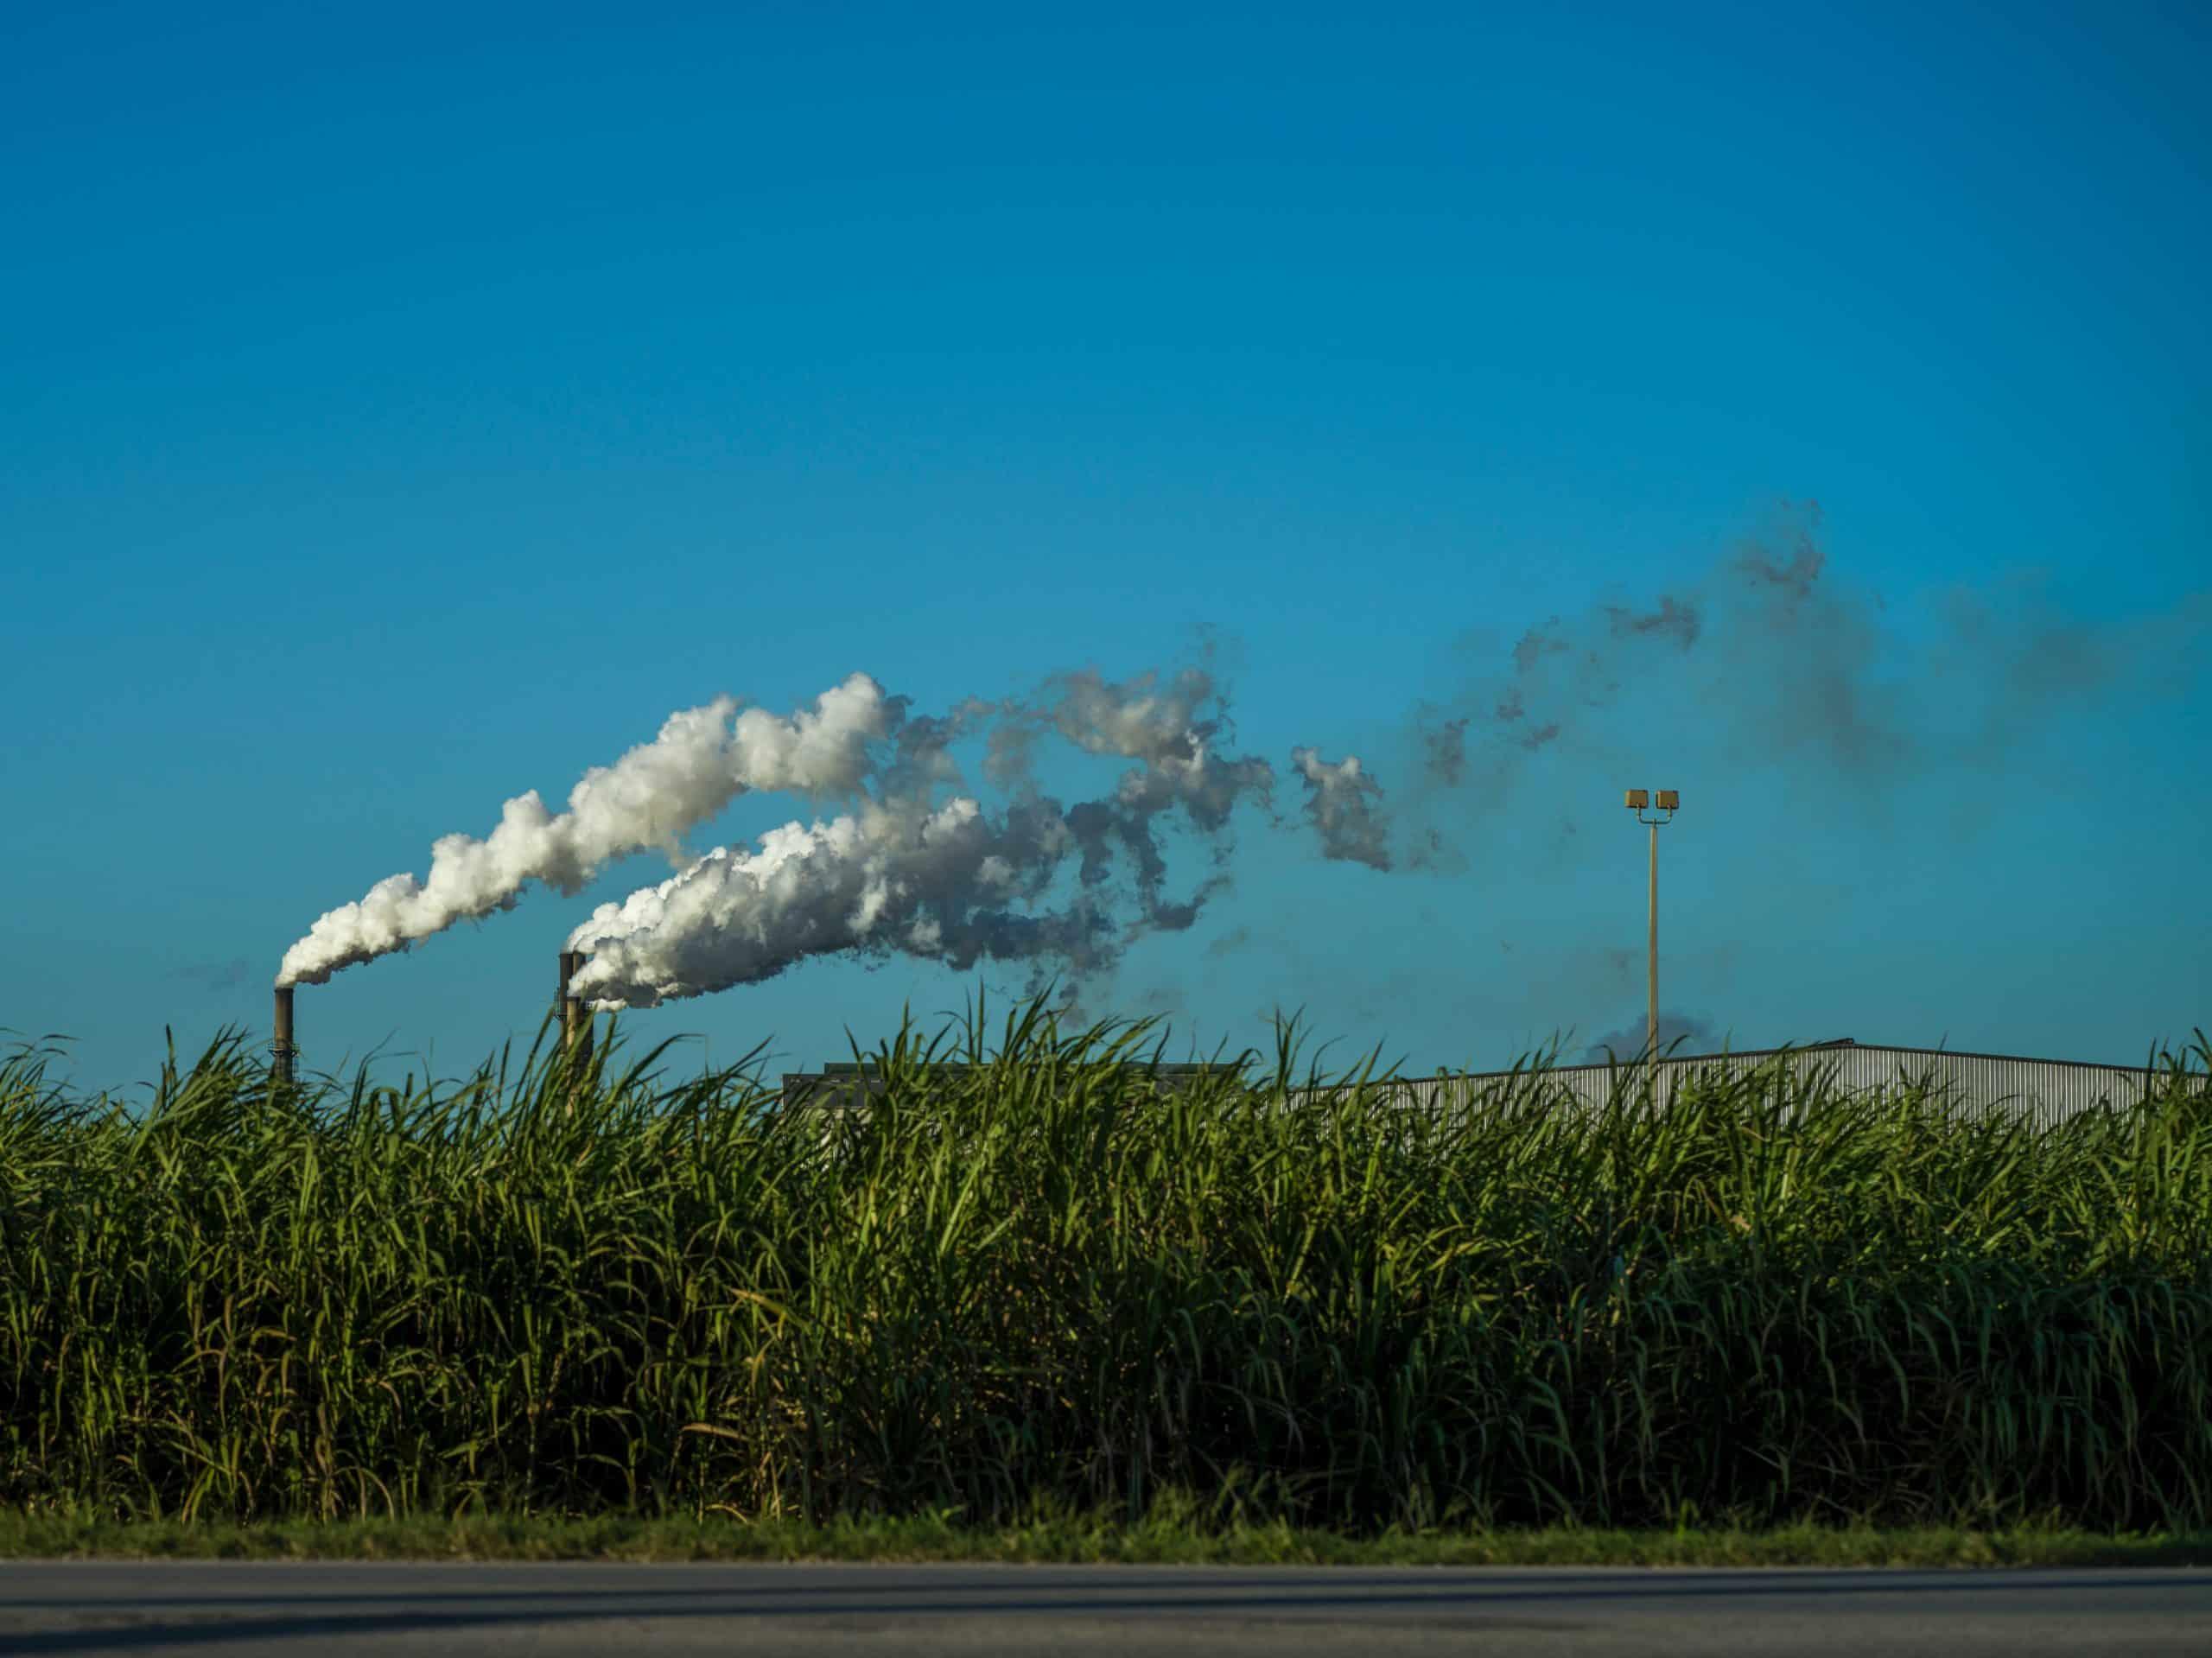 une usine d'incinération de déchets